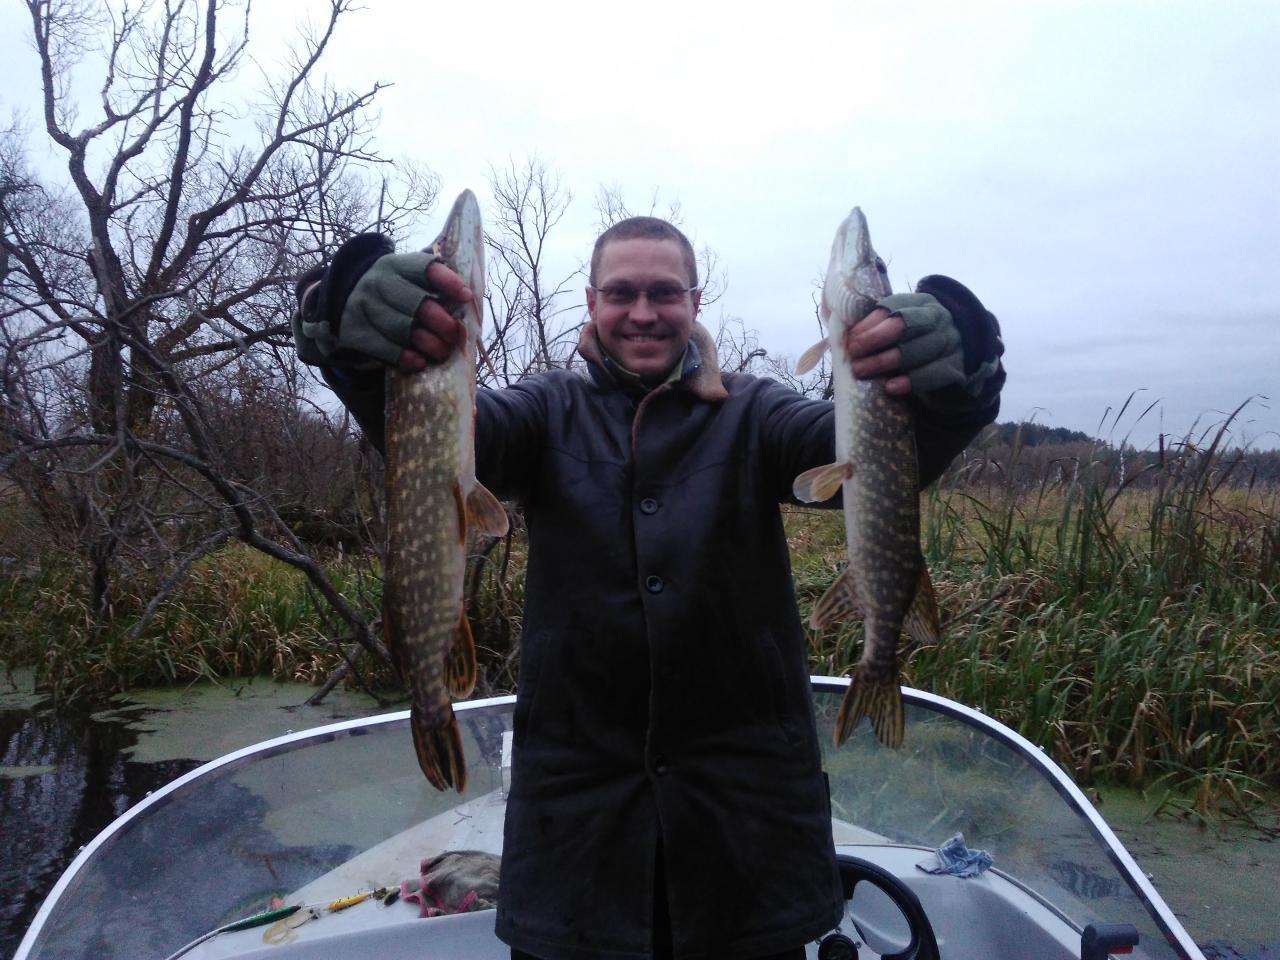 Вода 5 градусов, рыбалка трудовая с 9 до 18. Клев с 15 до 18. Итог 7 поклевок на двоих